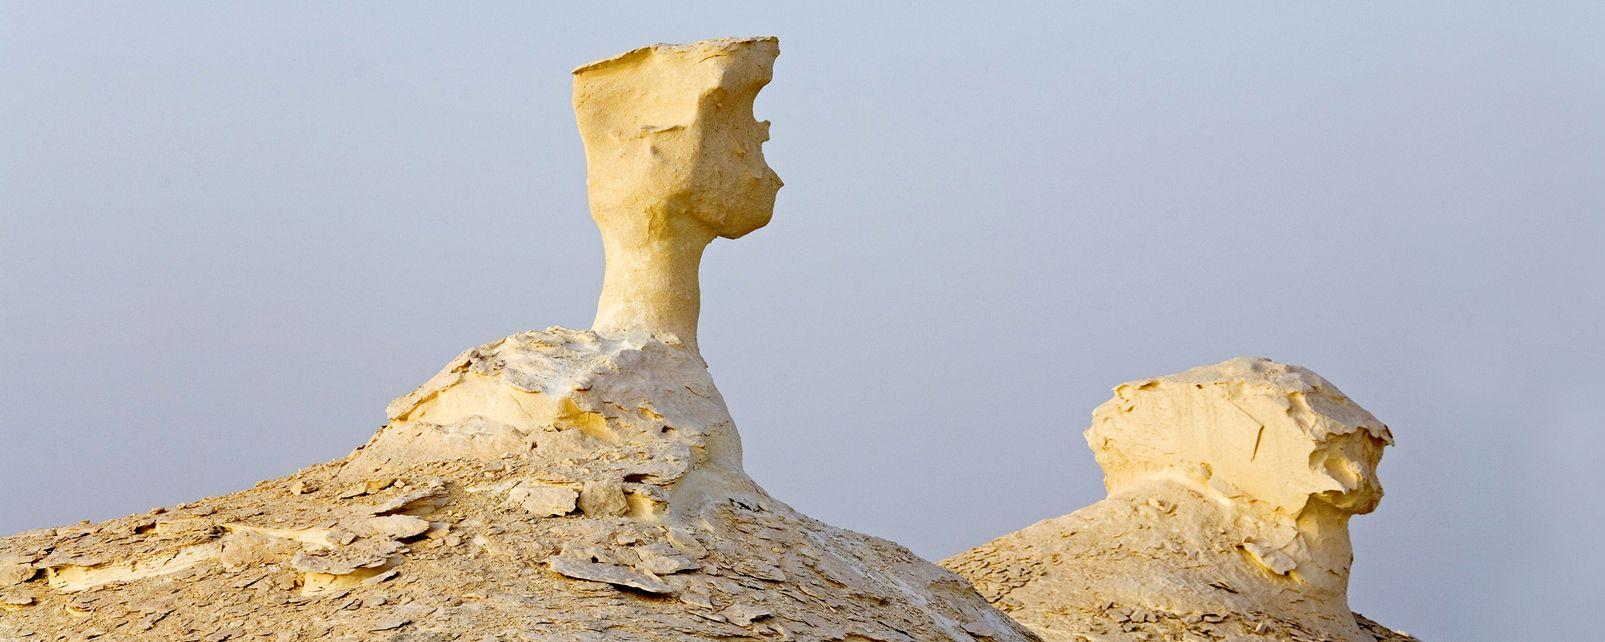 Le désert libyque , Egypte